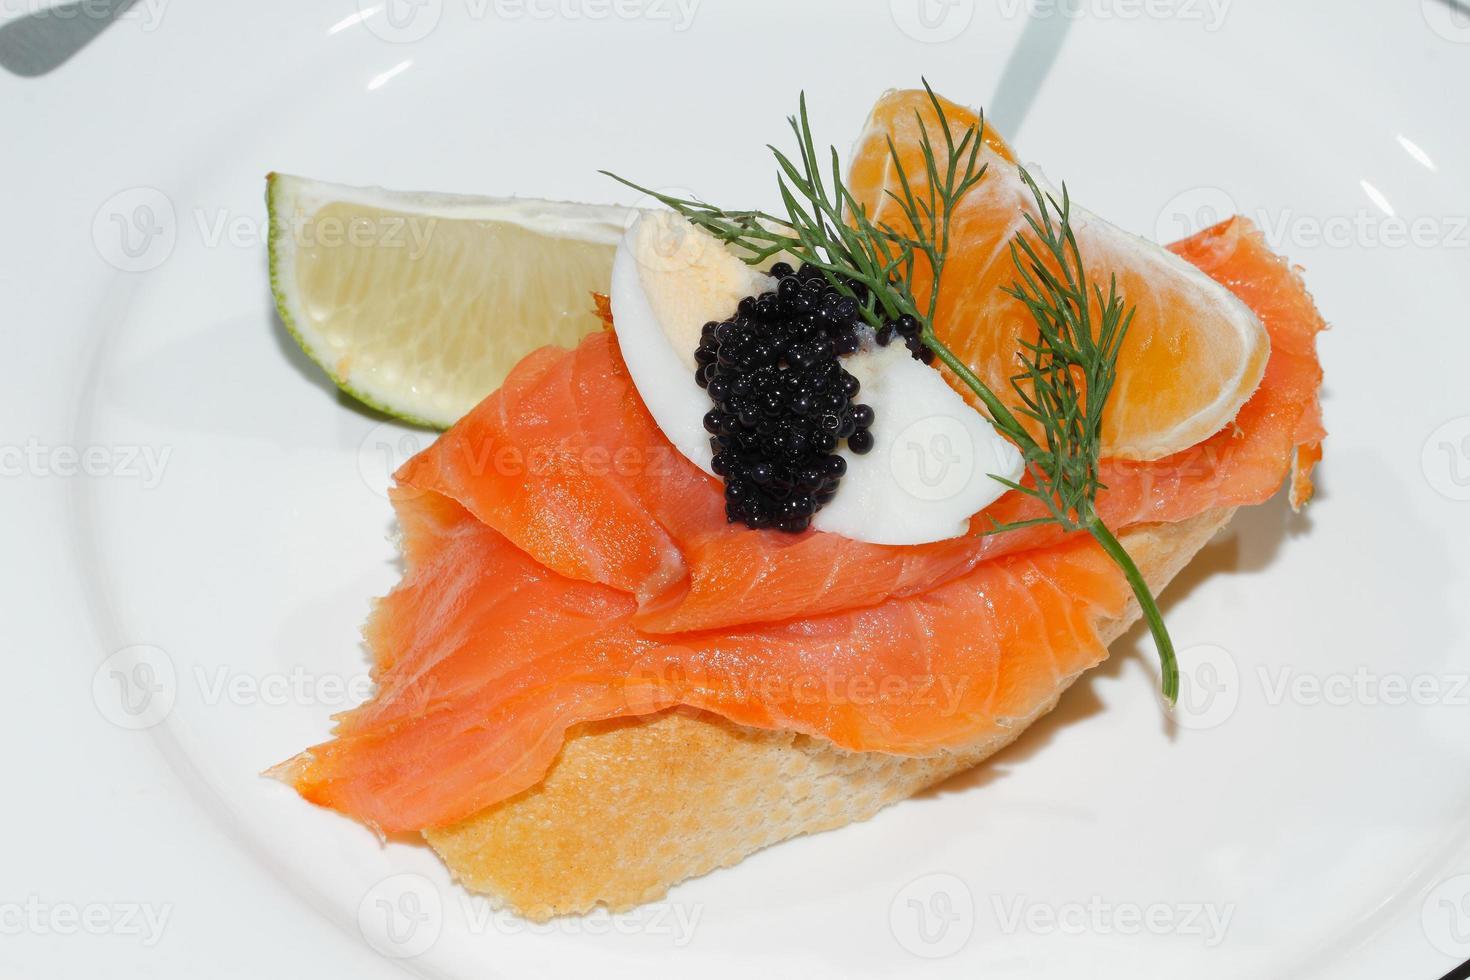 baguette, saumon fumé, œuf, caviar, orange photo